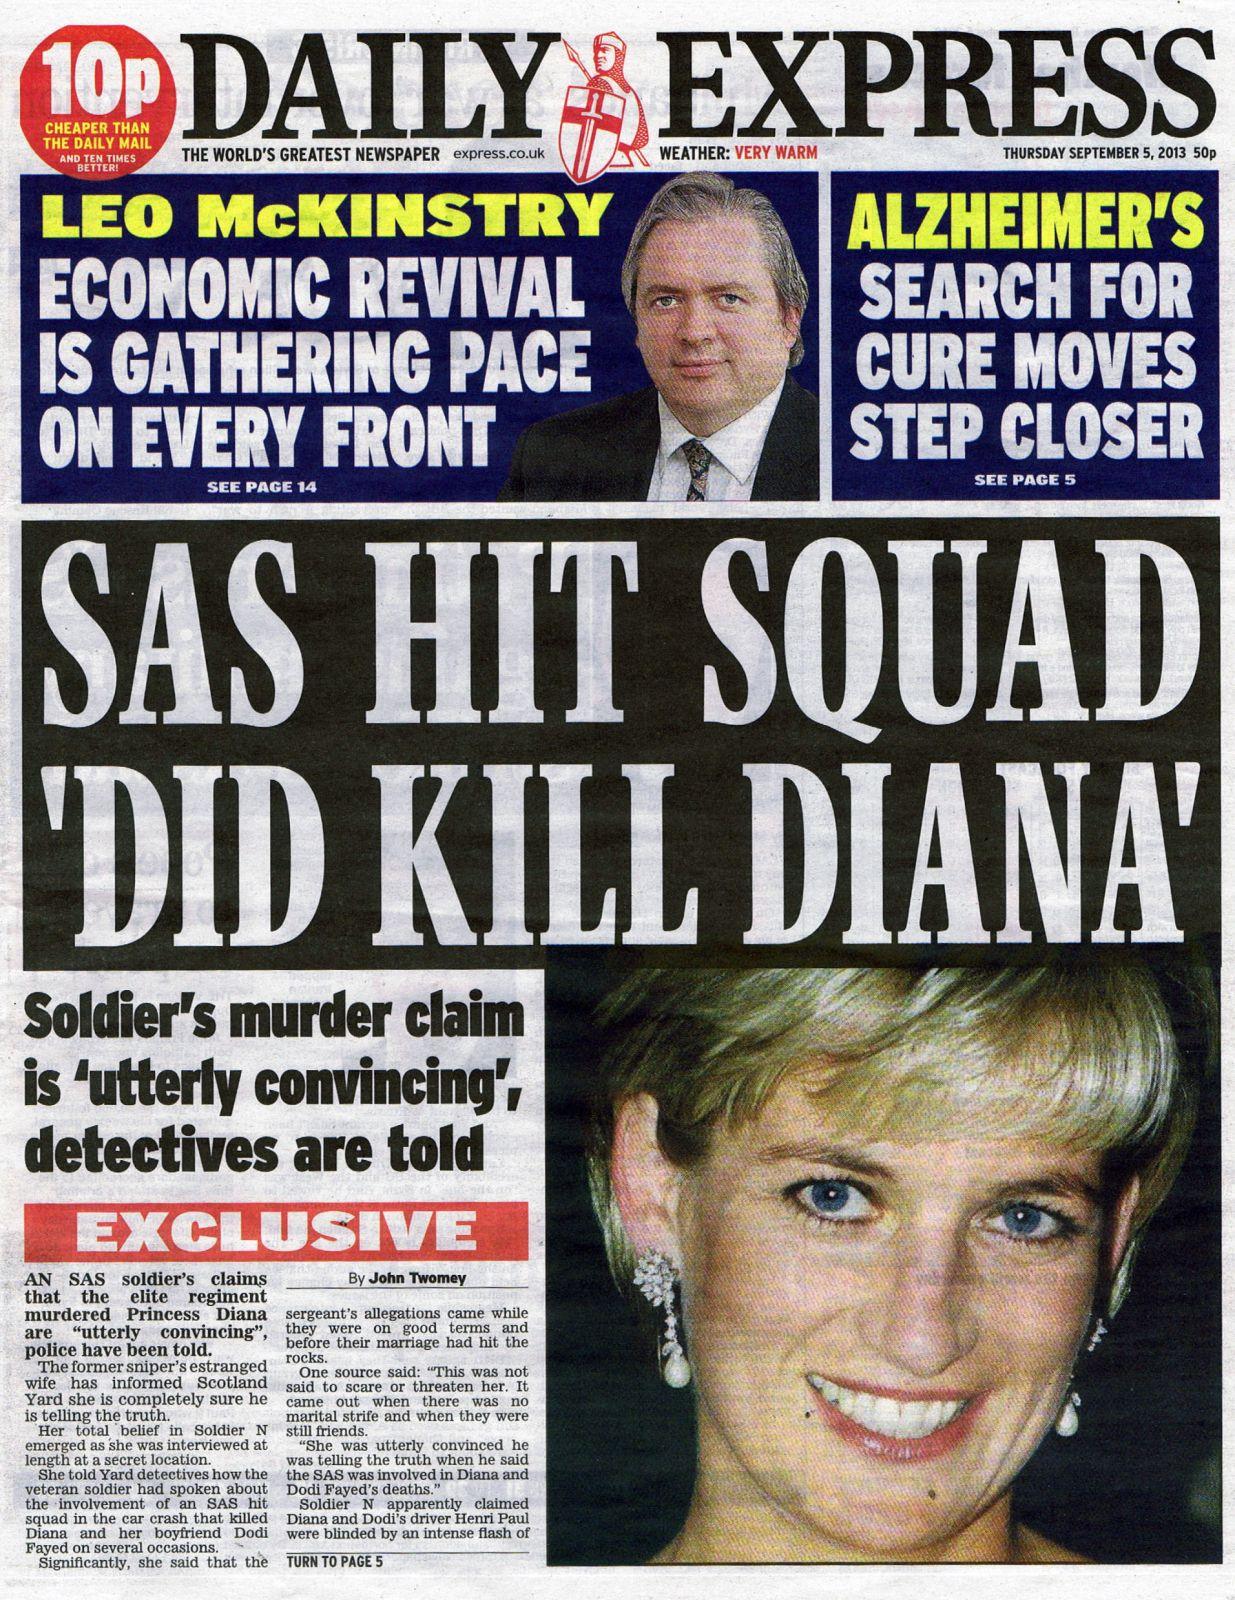 """""""יחידת חיסול של ה-SAS אכן הרגה את דיאנה"""", כותרת ה""""דיילי אקספרס"""", 5.9.13"""